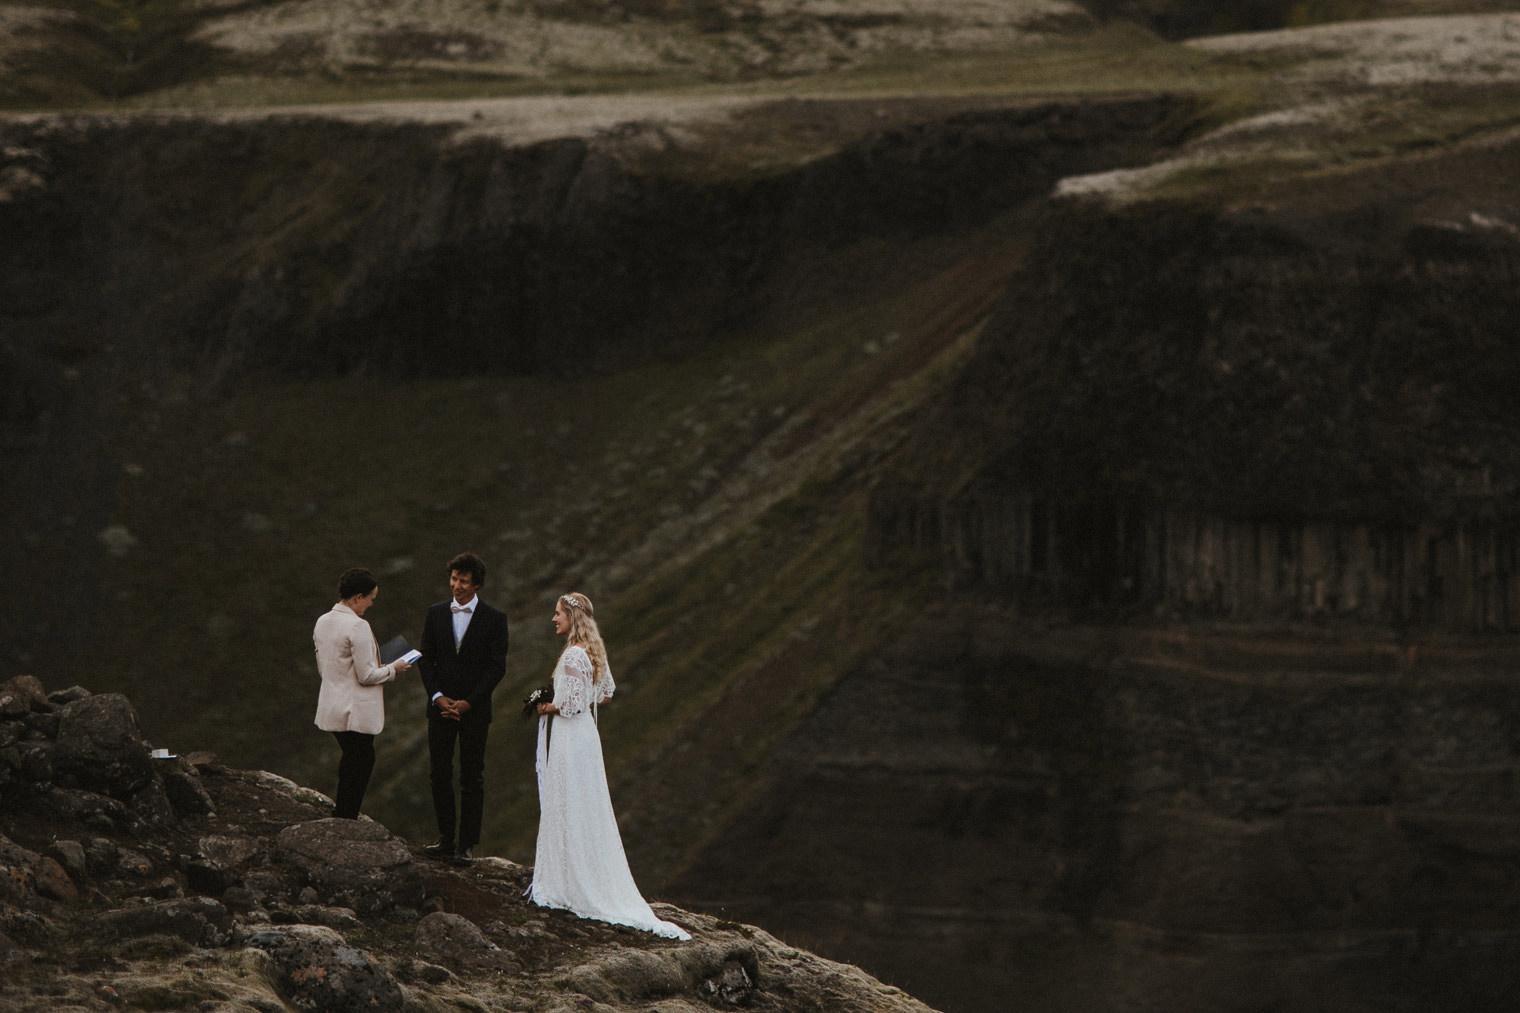 034-iceland-wedding